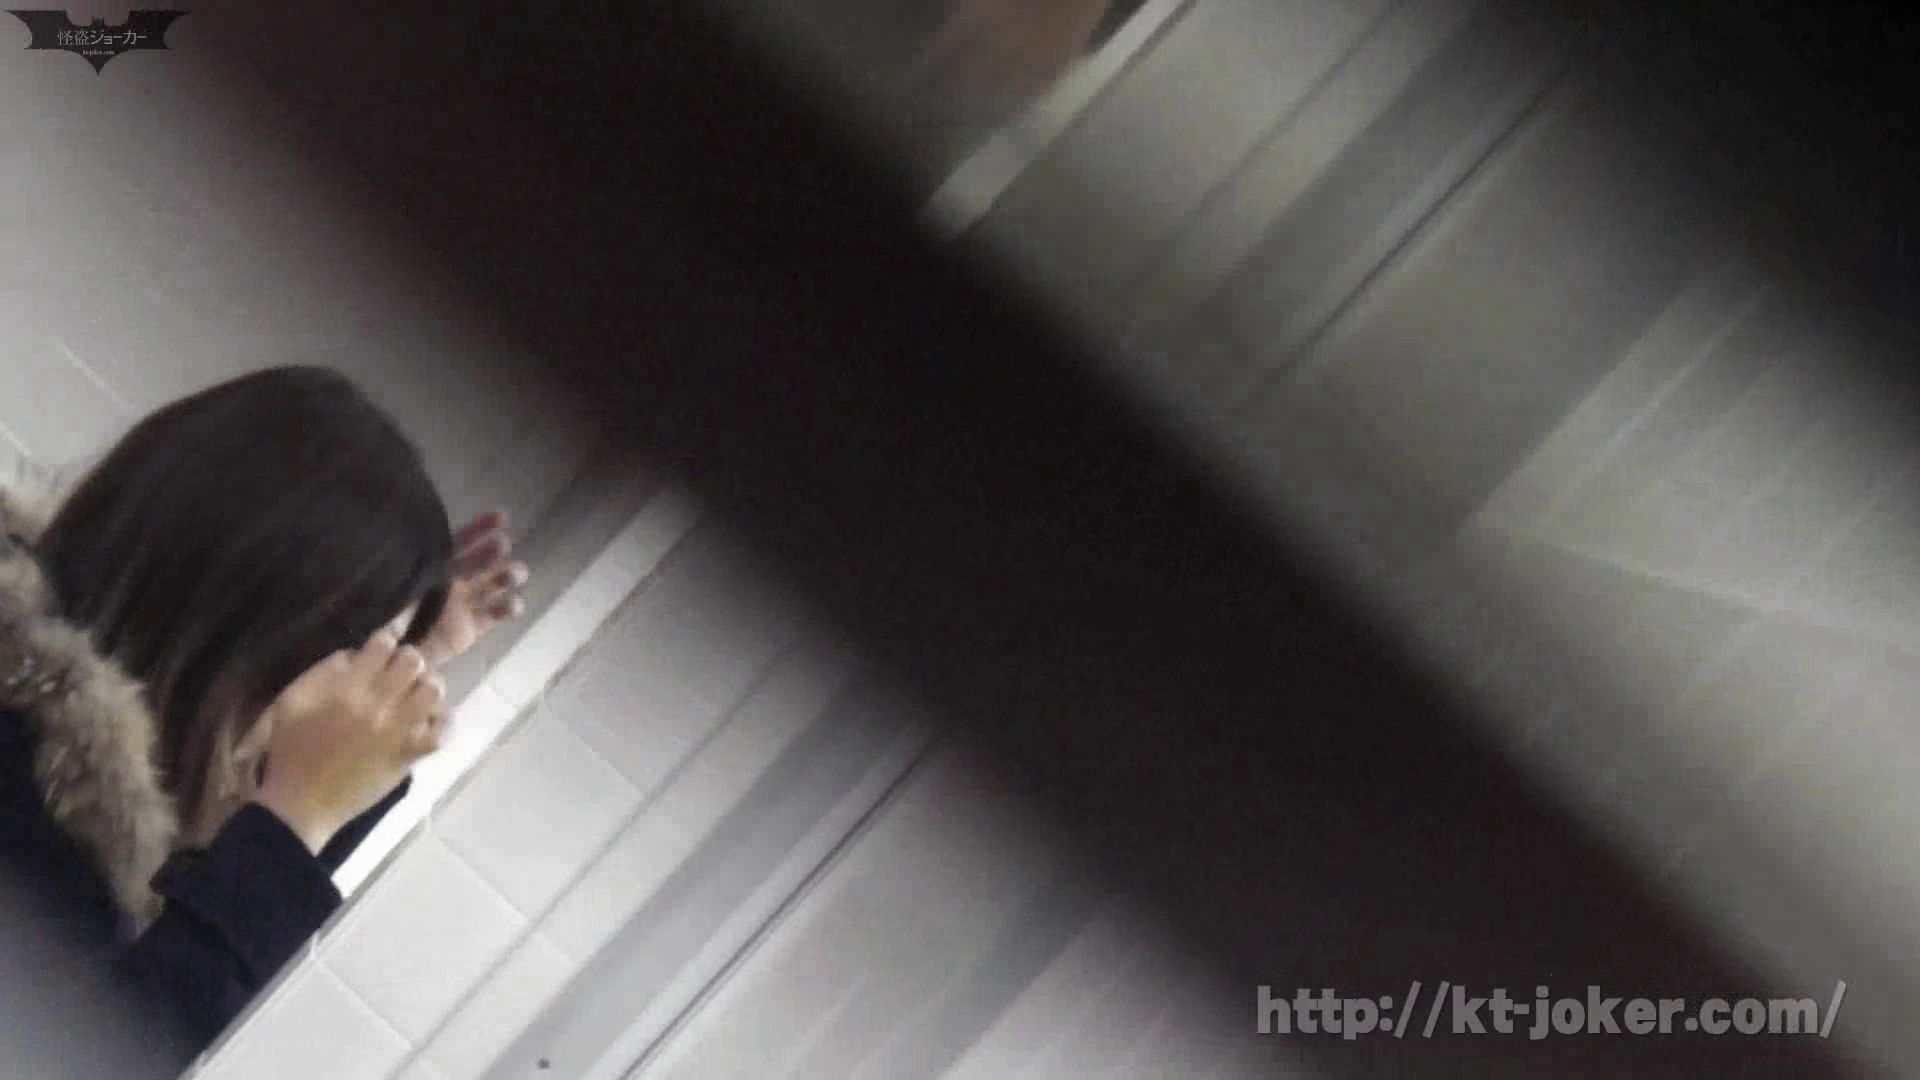 命がけ潜伏洗面所! vol.55 モデル級?「いやモデルだね!」な美女登場! そそるぜモデル オメコ無修正動画無料 92連発 71